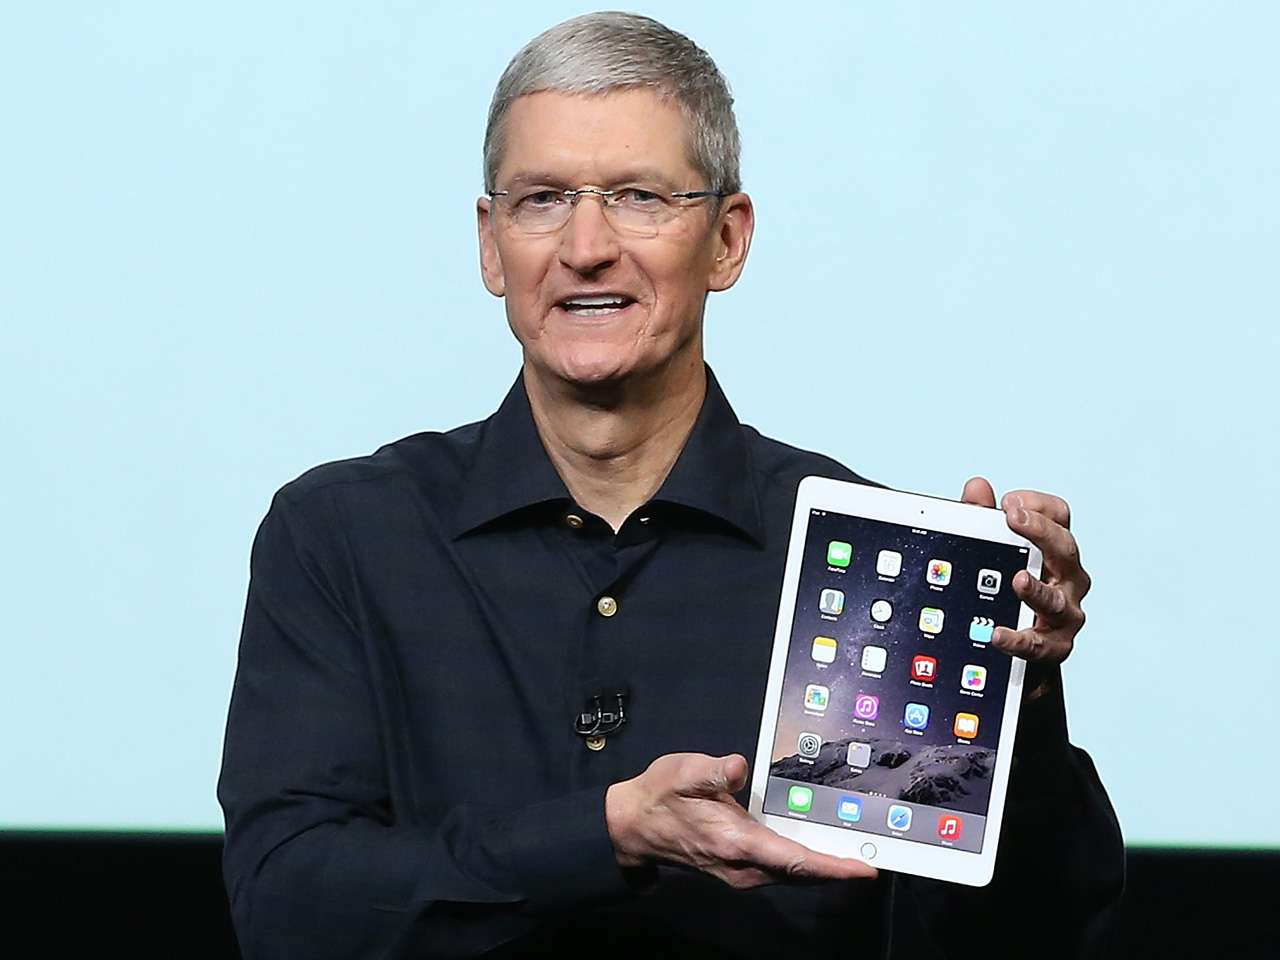 El gigante tecnológico Apple presentó hoy su tableta más delgada hasta la fecha, el iPad Air 2, así como una versión renovada de su iPad Mini 3 y un iMac de mayor resolución Foto: AFP en español